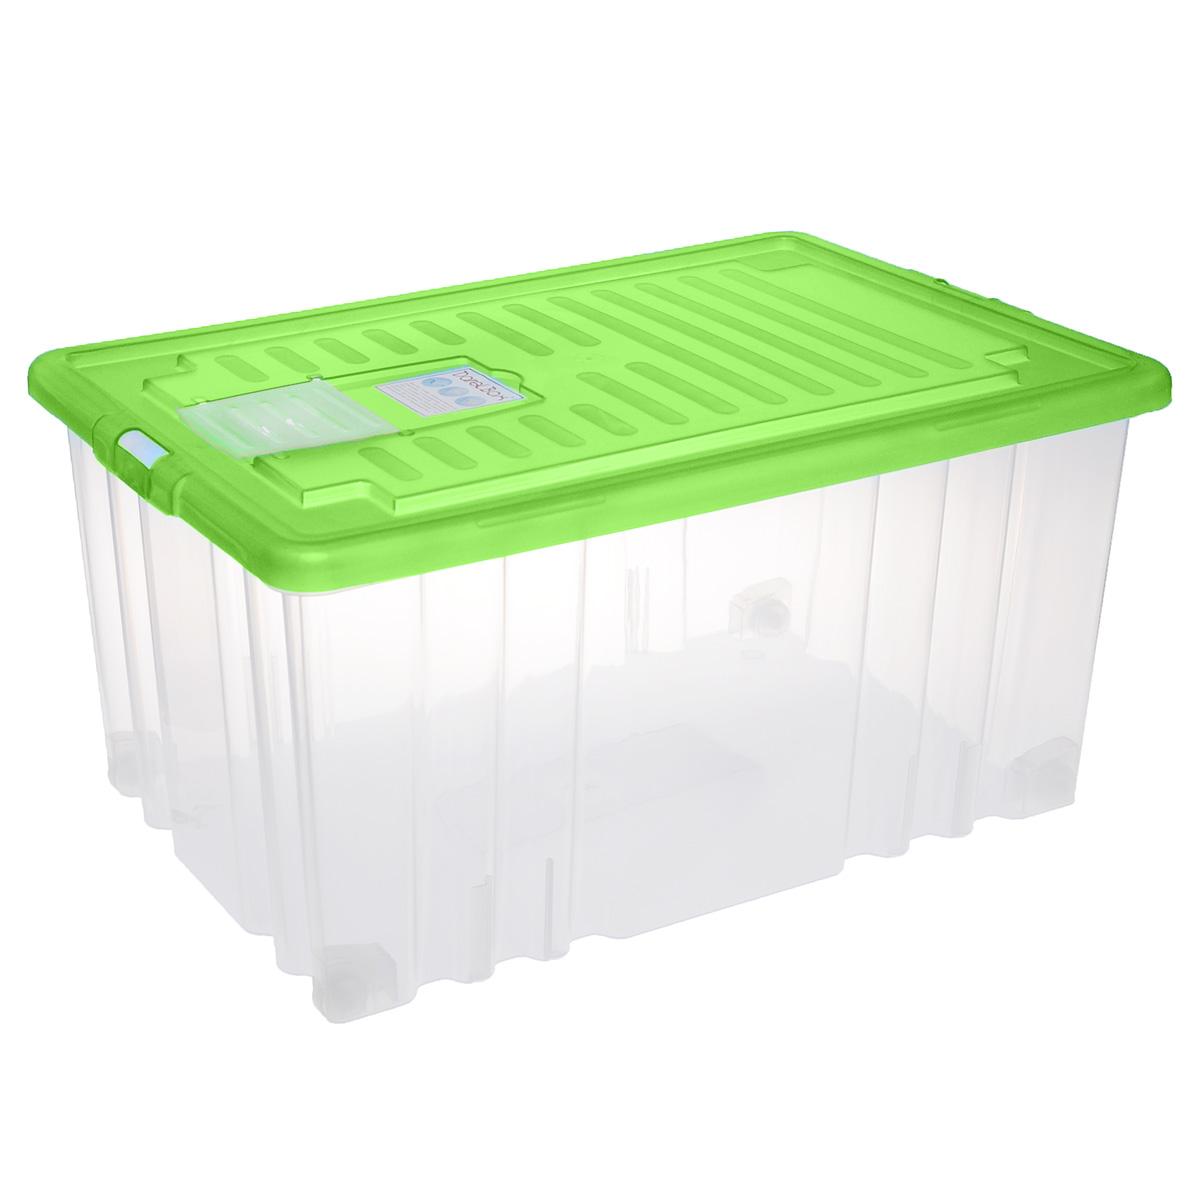 """Ящик """"Darel Box"""", изготовленный из прозрачного пластика, оснащен плотно закрывающейся крышкой и специальным клапаном для антимолиевых и дезодорирующих веществ. Изделие предназначено для хранения различных бытовых вещей. Идеально подойдет для хранения белья, продуктов, игрушек. Будет незаменим на даче, в гараже или кладовой. Выдерживает температурные перепады от -25°С до +95°С. Изделие имеет четыре маленьких колесика, обеспечивающих удобство перемещения ящика. Колеса бокса могут принимать два положения: утопленное - для хранения, и рабочее - для перемещения. Размер ящика: 60 см х 40 см х 31 см."""